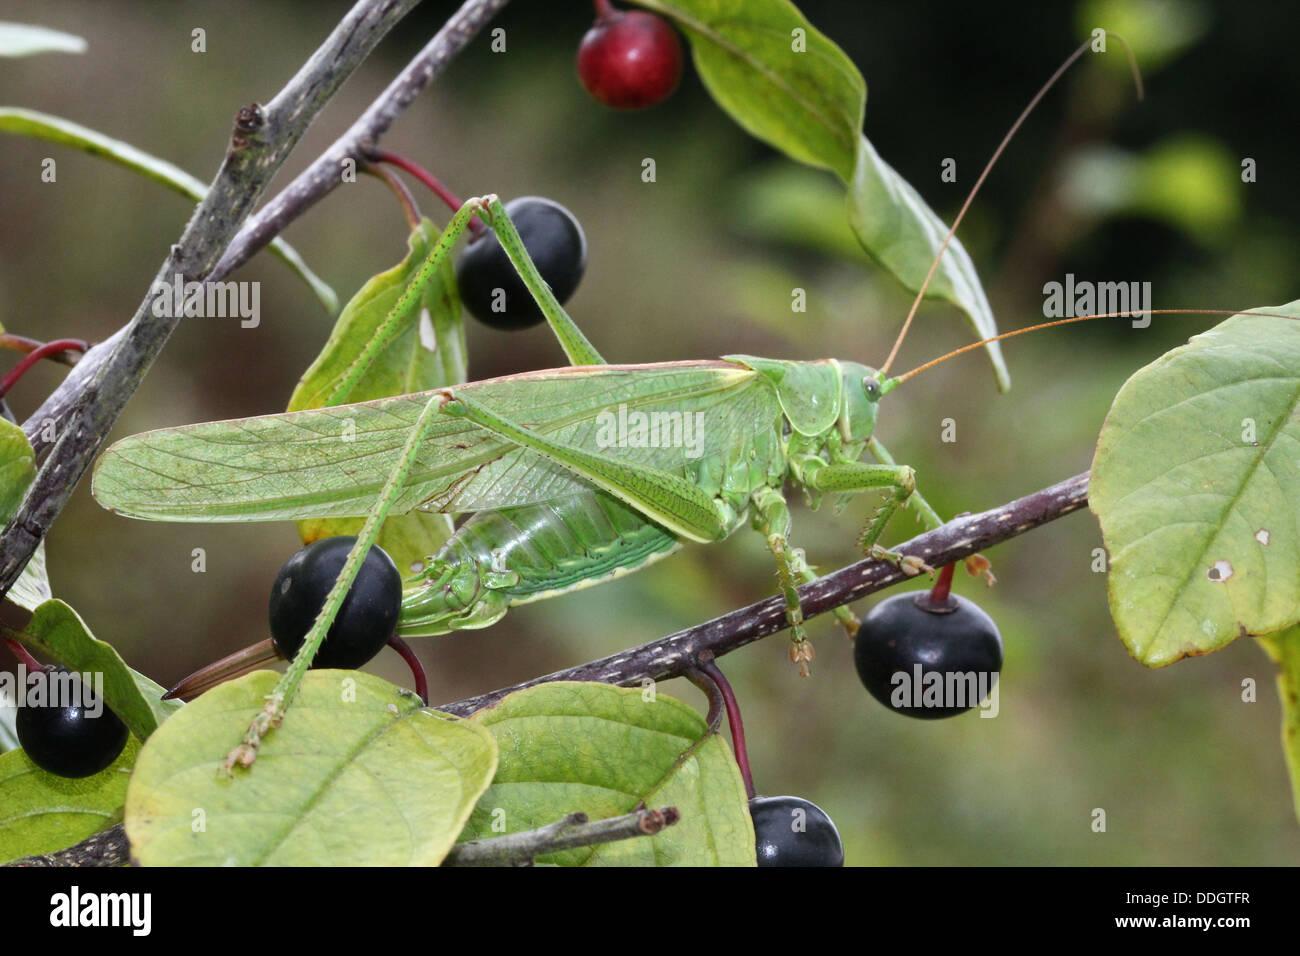 Detaillierte Reihe von Makros einer weiblichen Great Green Bush Grille (Tettigonia Viridissima) Stockbild